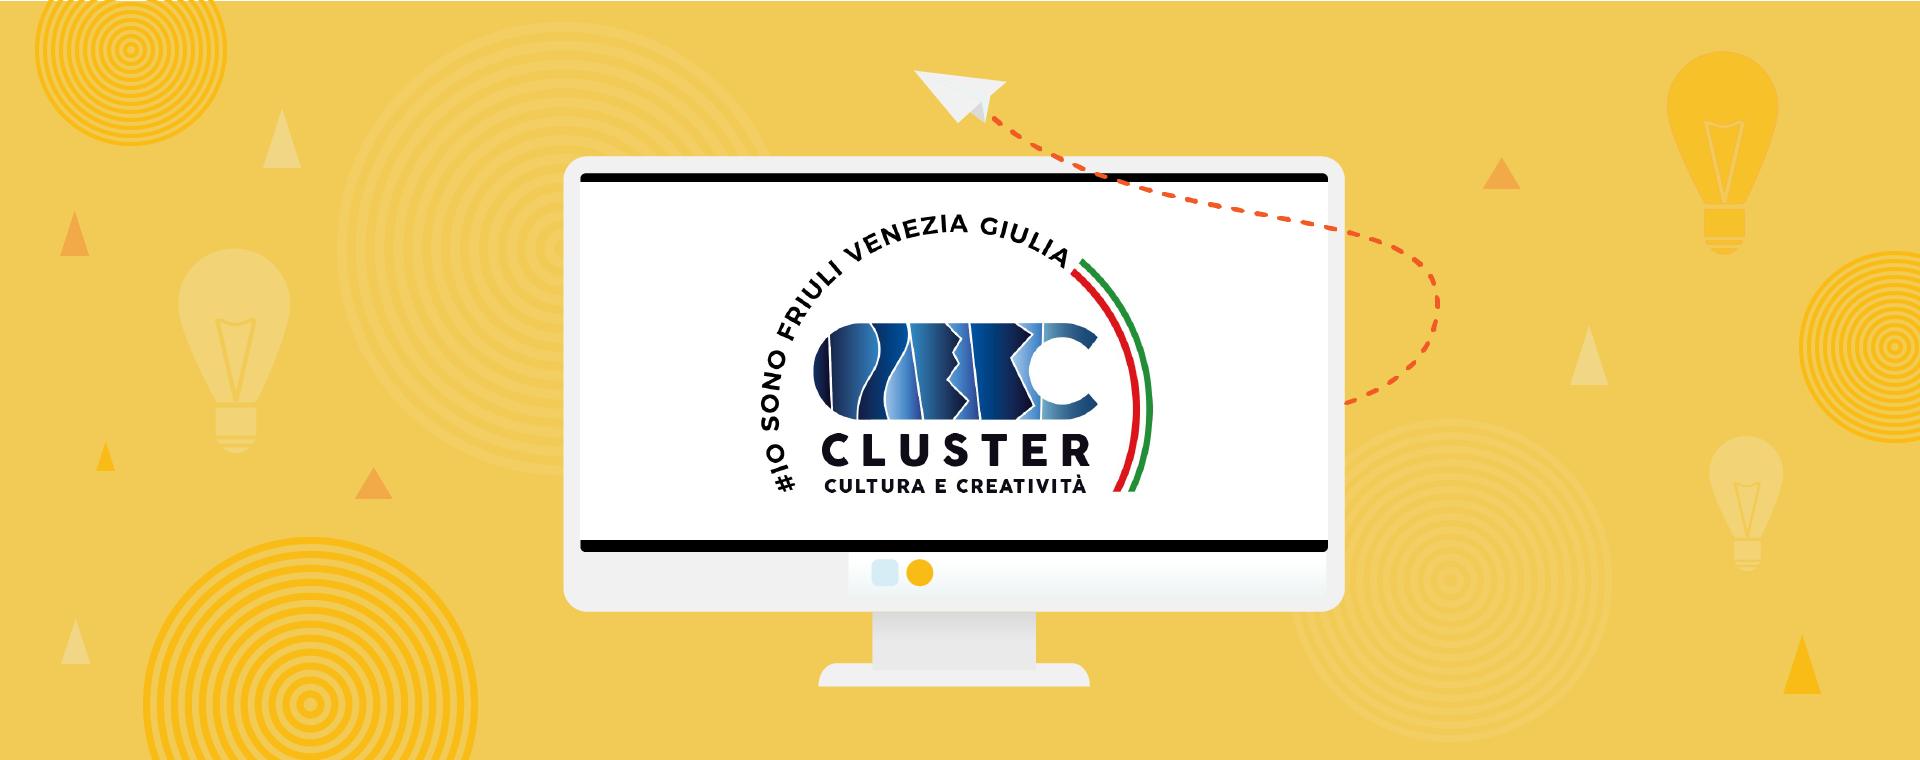 Scelto il logo del Cluster regionale Cultura e Creatività